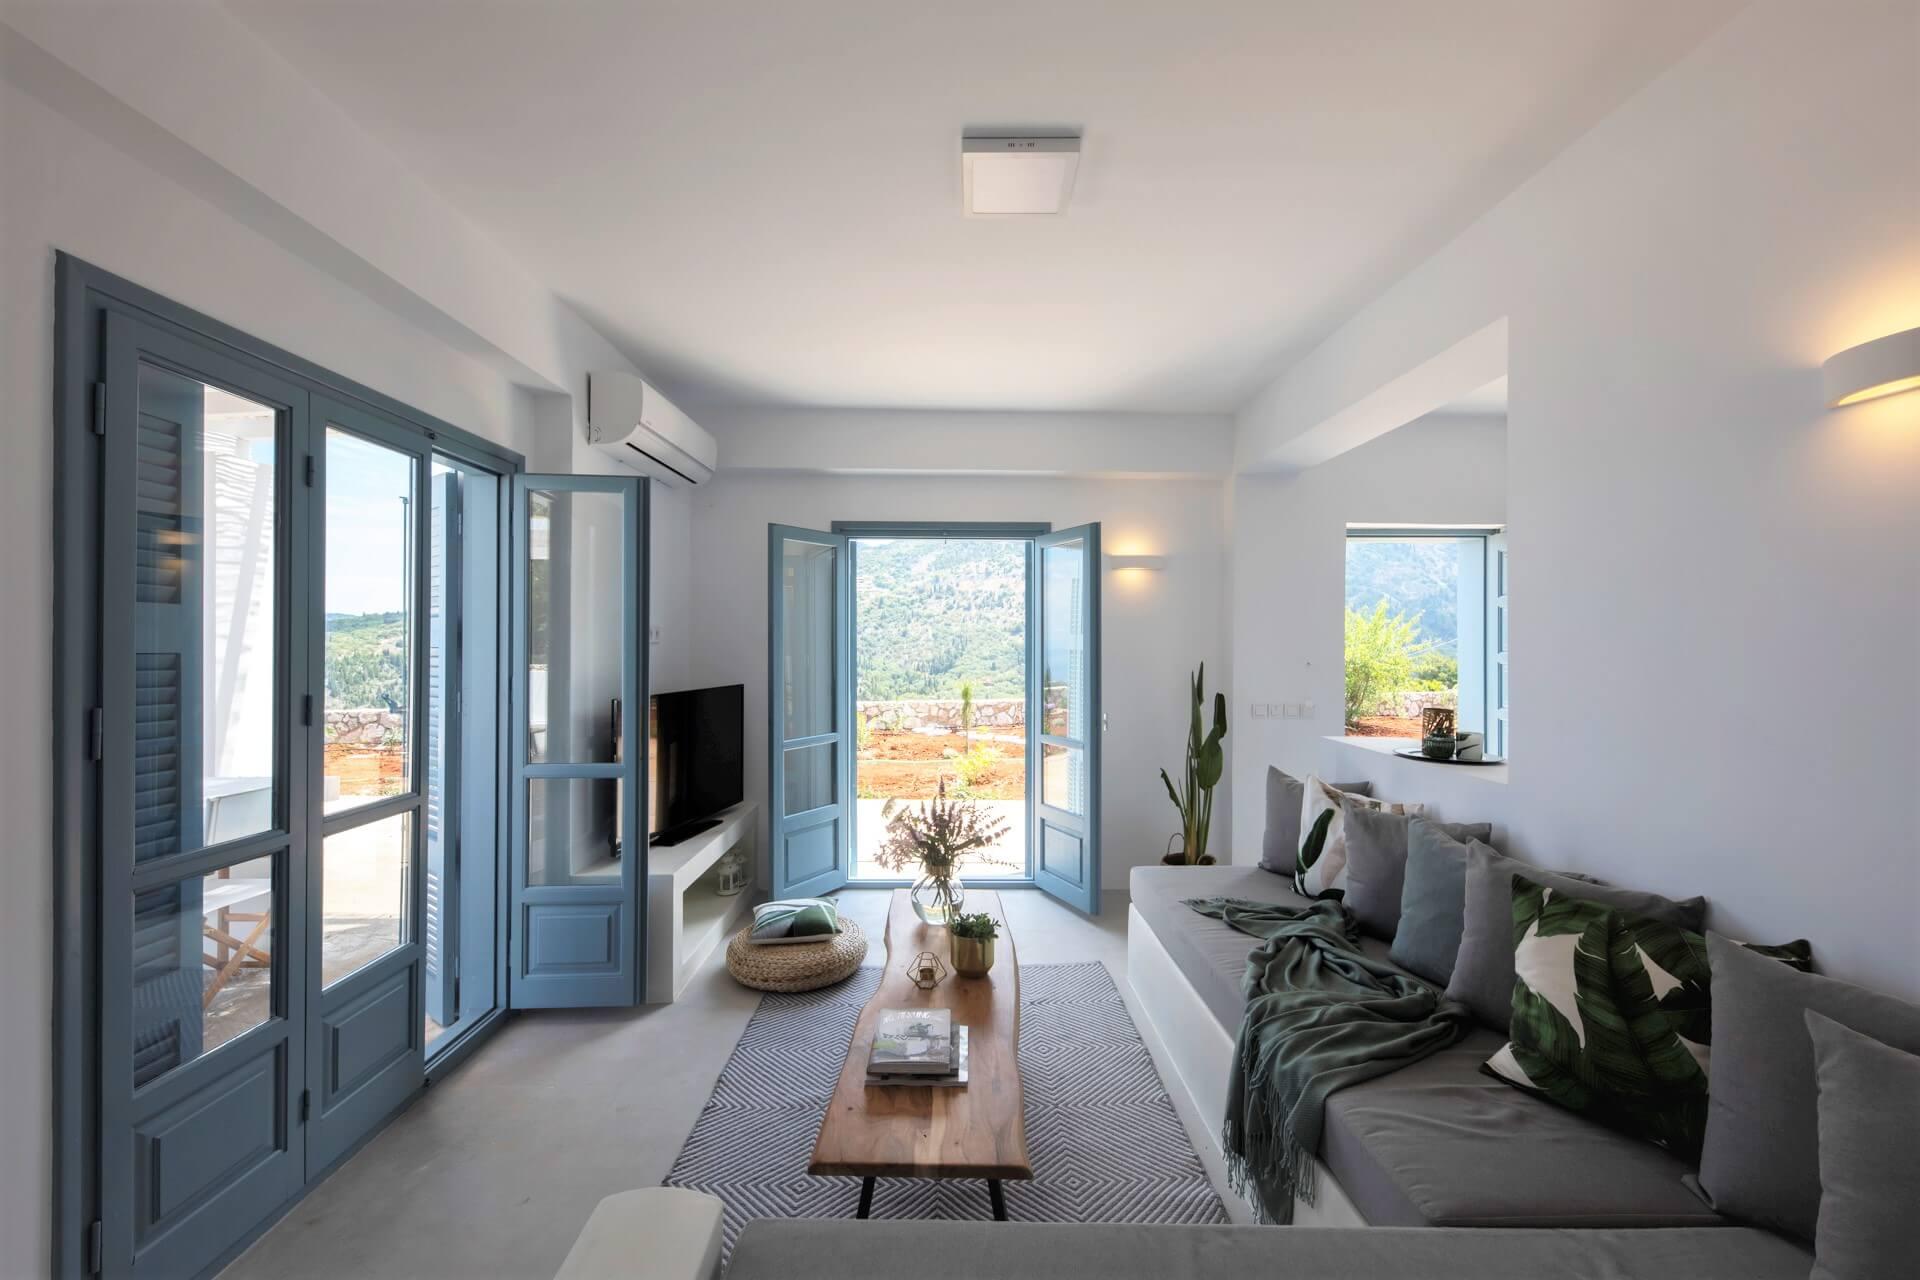 עיצוב דלתות וחלונות בית נופש ביוון סיגל